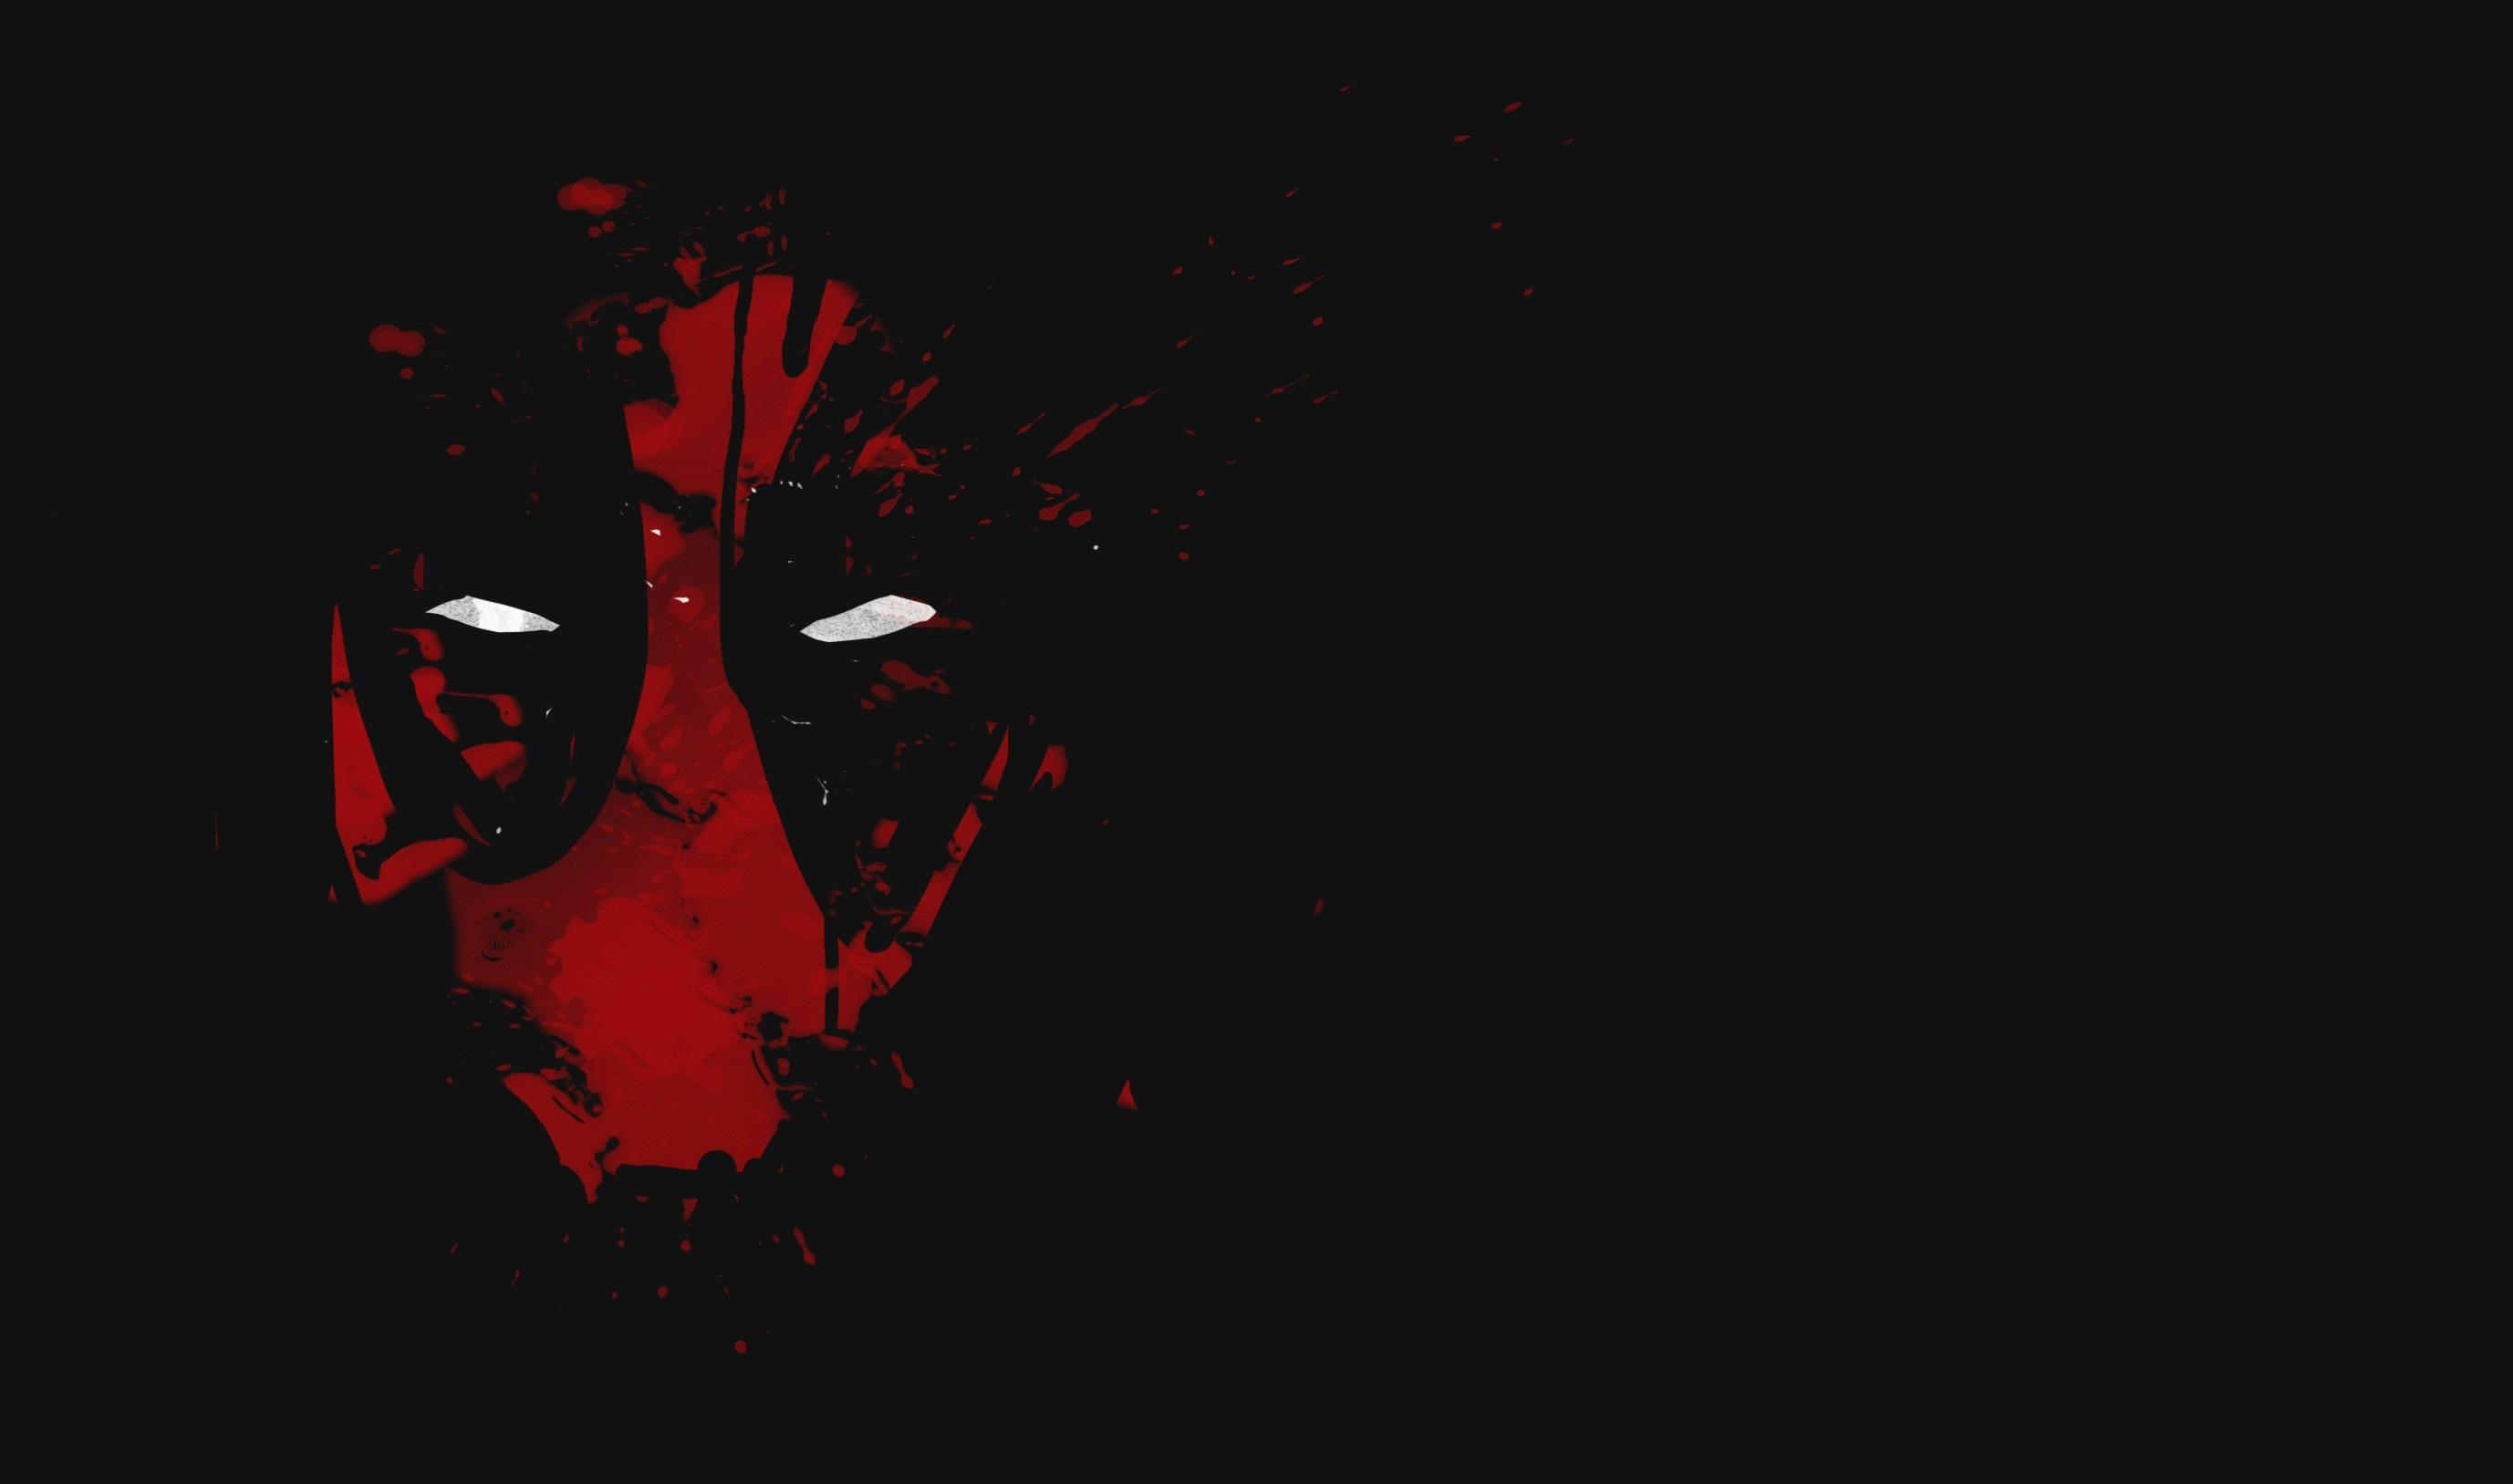 Download 68 Wallpaper Keren Hd Deadpool Gratis Terbaik